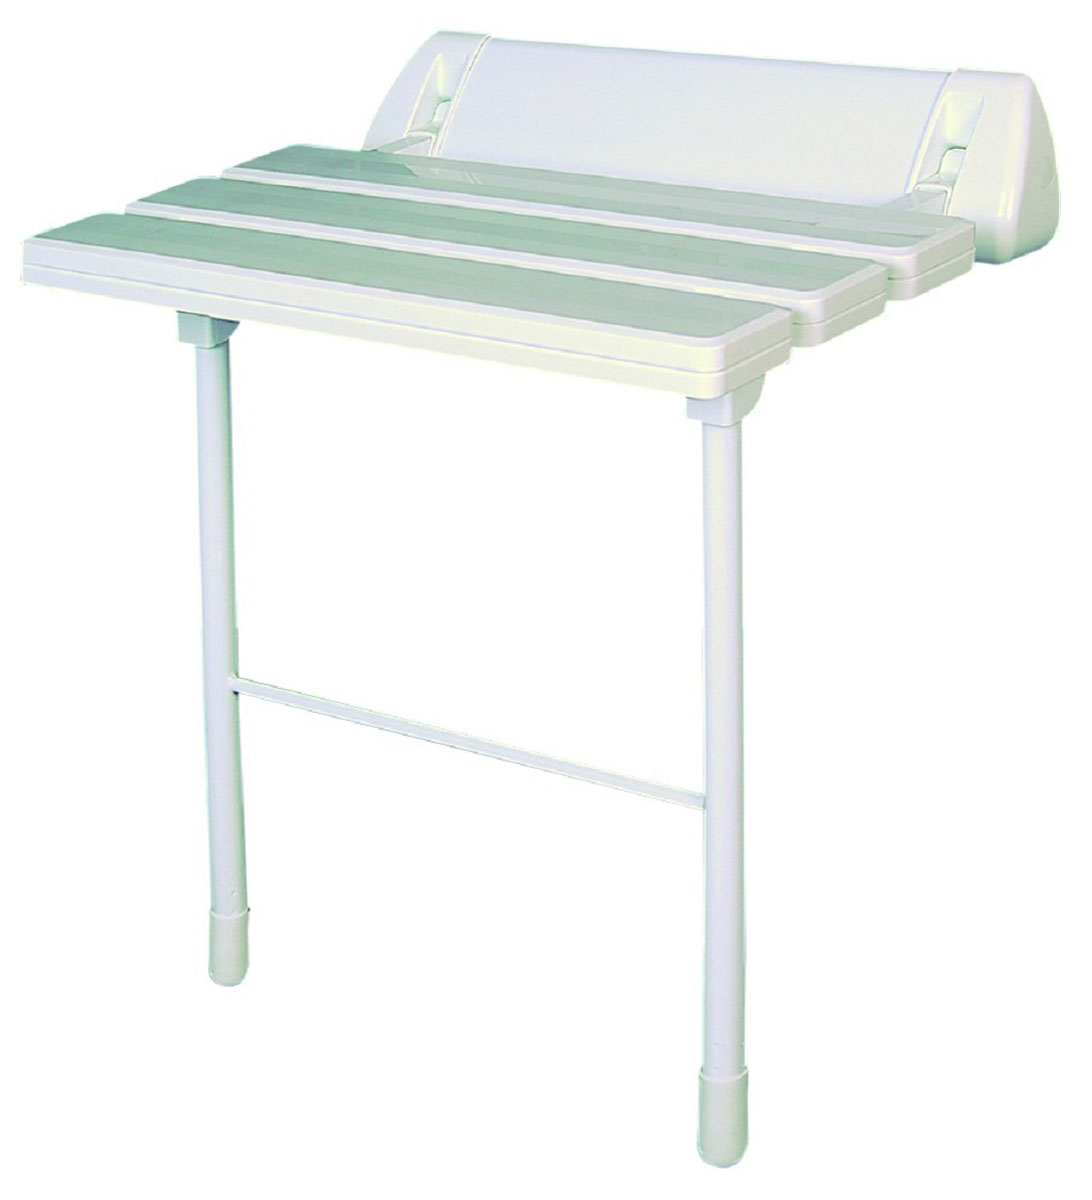 Сиденье в ванну Ridder, цвет: белый. А002030128907 4Высококачественное немецкое сиденье для ванны разработано и запатентовано компанией Ridder. Данное изделие имеет откидной механизм. Посадочная часть состоит из рифленых реек, не впитывающих влагу. Ножки регулируются по высоте - 460 - 485 мм. Длина сидения - 510 мм. Глубина сидения - 230 мм. Максимальная нагрузка - 250 кг. Состав: каркас - алюминий, сиденье - пластик. В комплект входят саморезы+дюбели и инструкция.